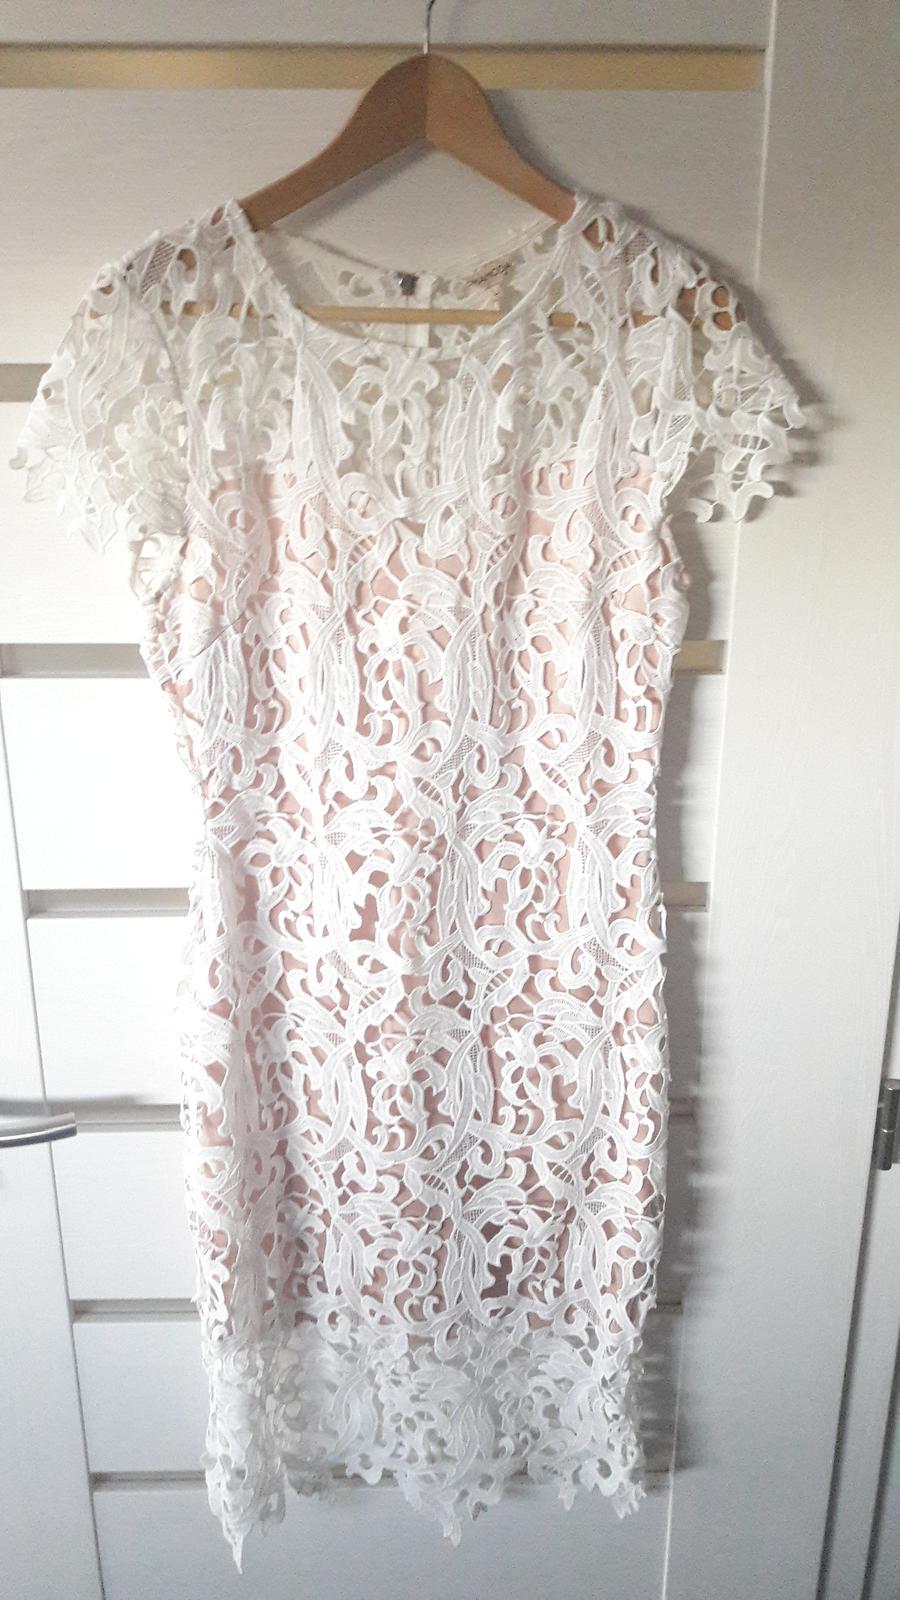 Šaty na prevleceni pro nevěstu  - Obrázek č. 1